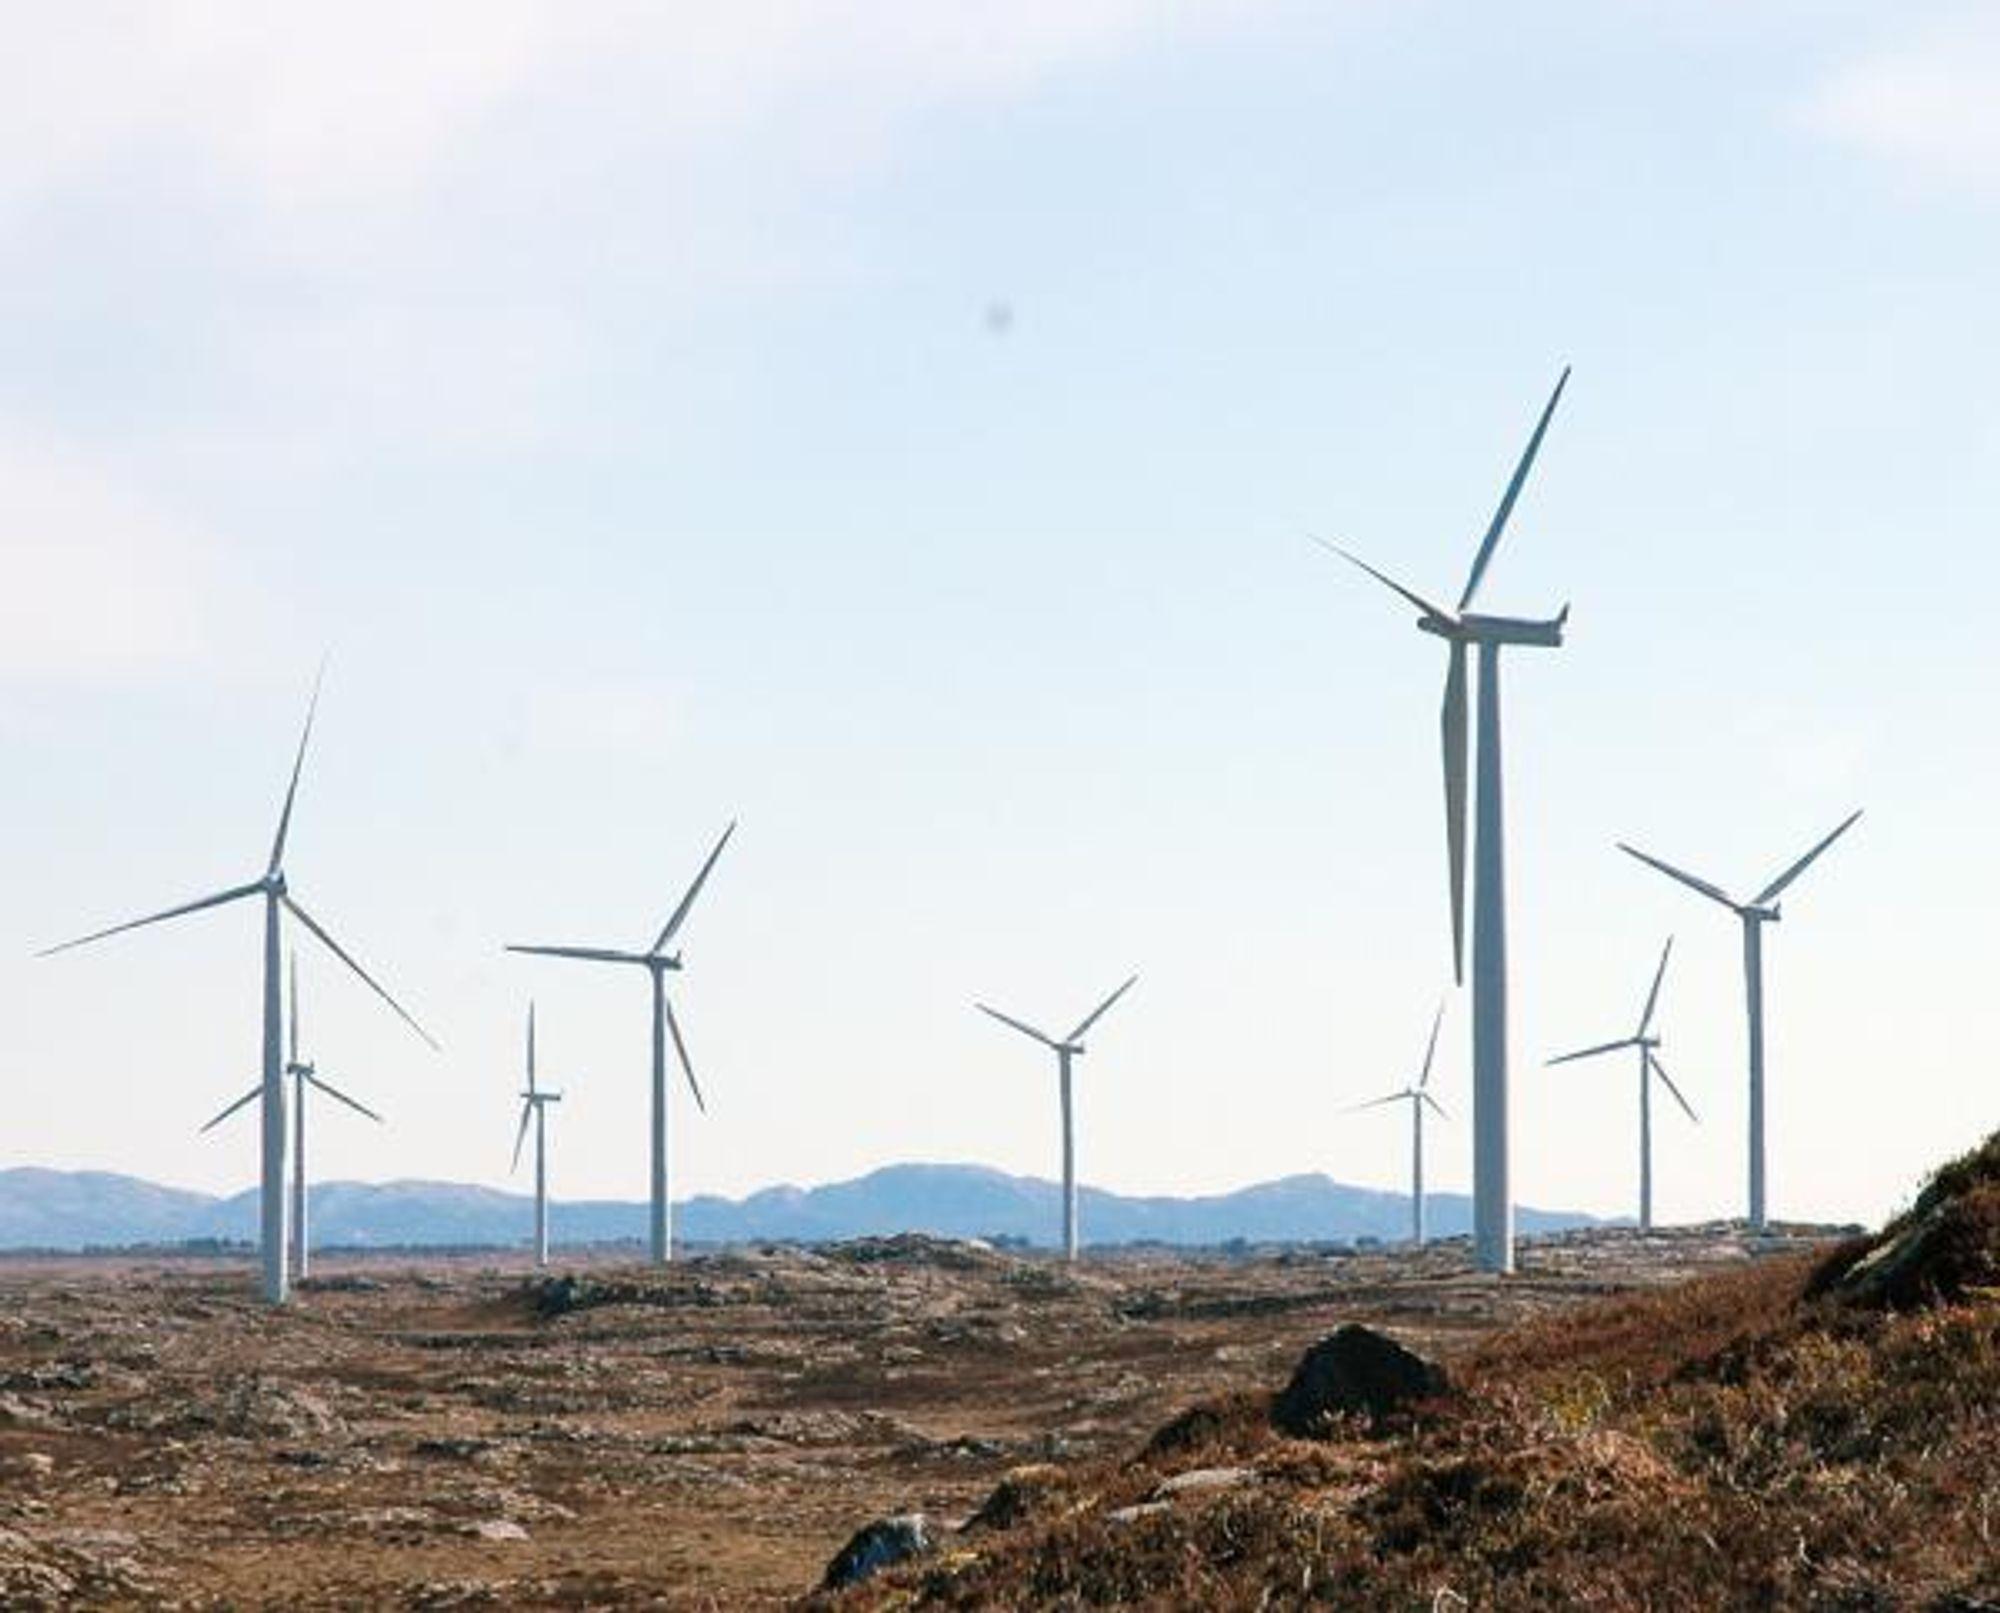 Mangel på informasjon om kinesiske vindkraftverks lønnsomhet, gjør at kvotekjøp kan bli kjent ugyldige av FN. Illustrasjonsfoto.